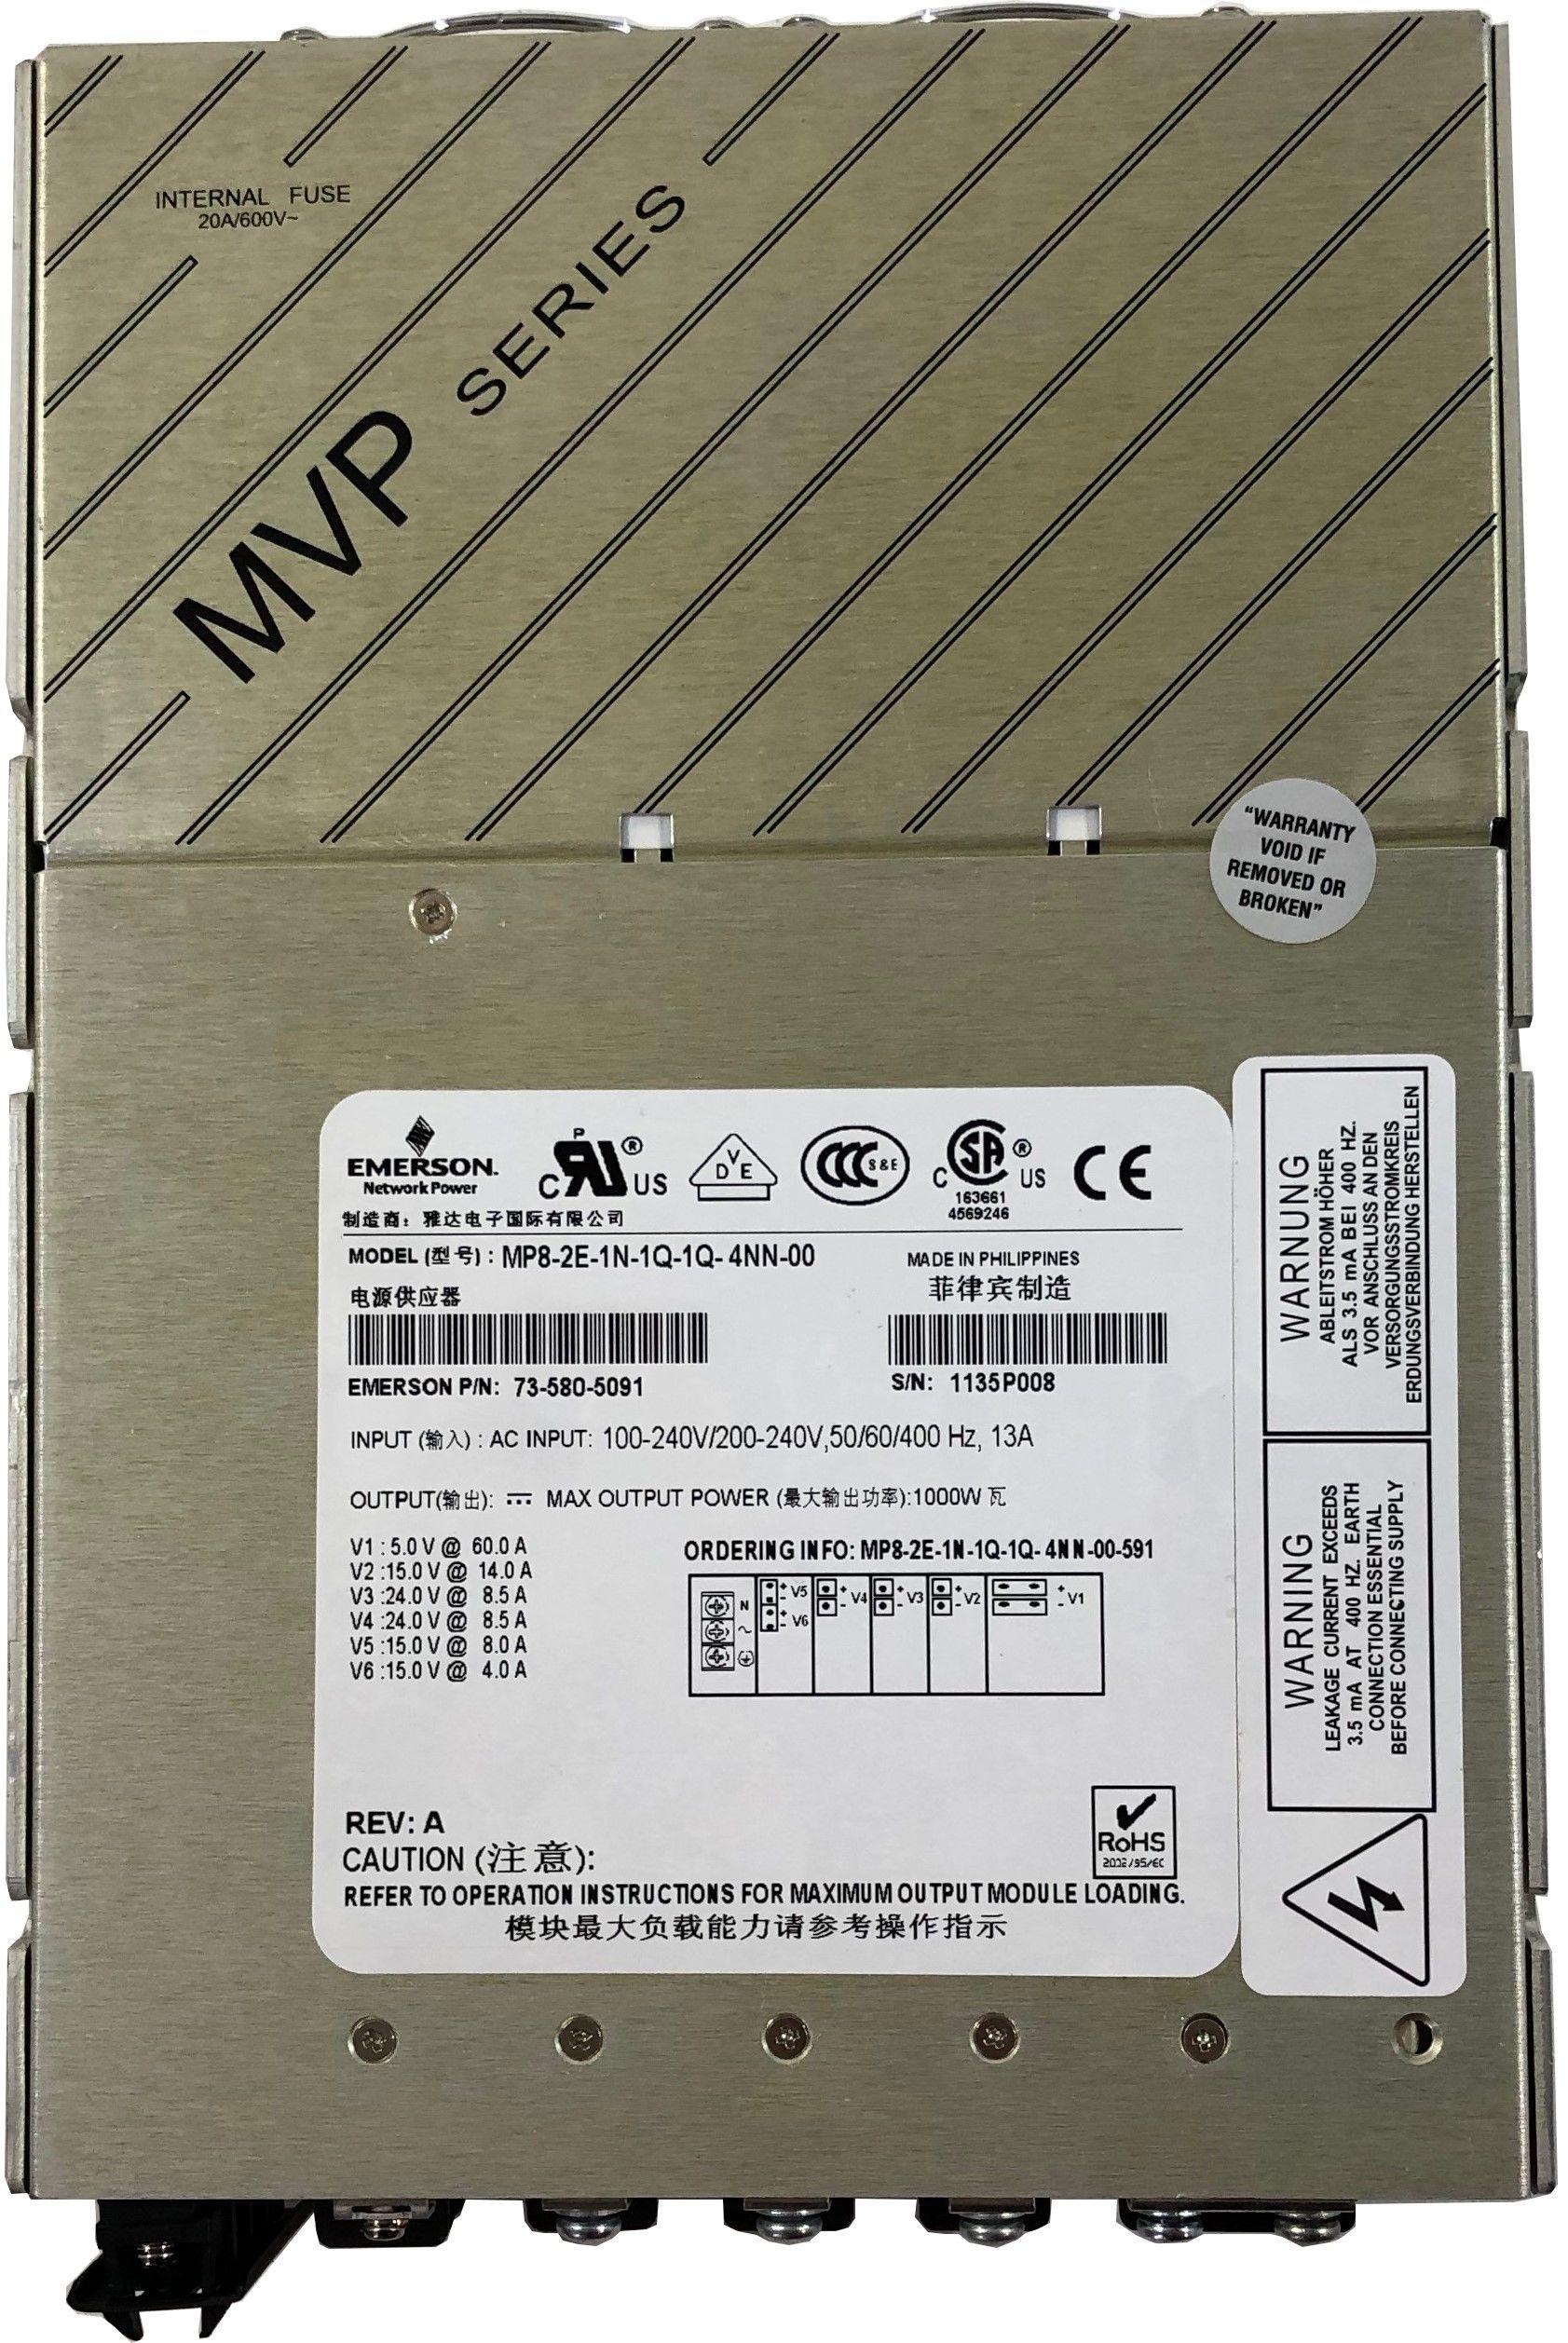 Industrie Schaltnetzteil EMERSON MP8-2E-1N-1Q-1Q-4NN-00 13A 1000W P/N: 73-580-5091